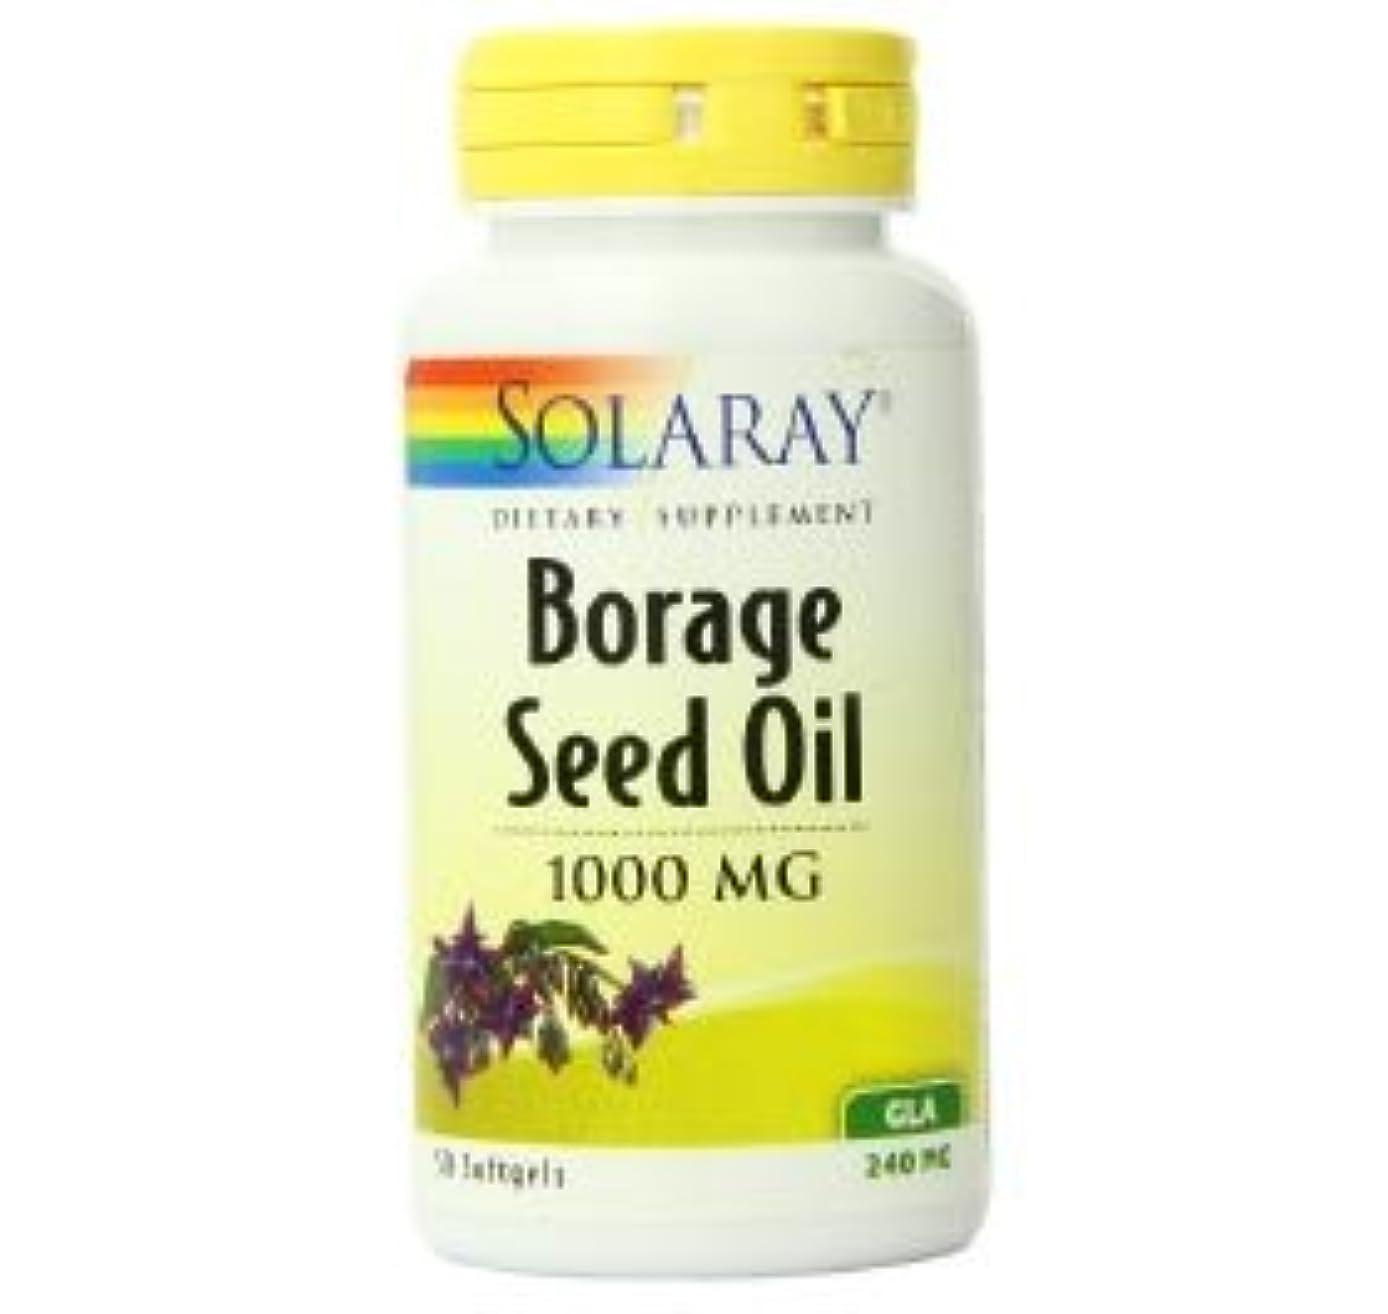 くそー酔っ払い副詞【海外直送品】SOLARAY - Borage seed oil - 50softgel ボラージシードオイル